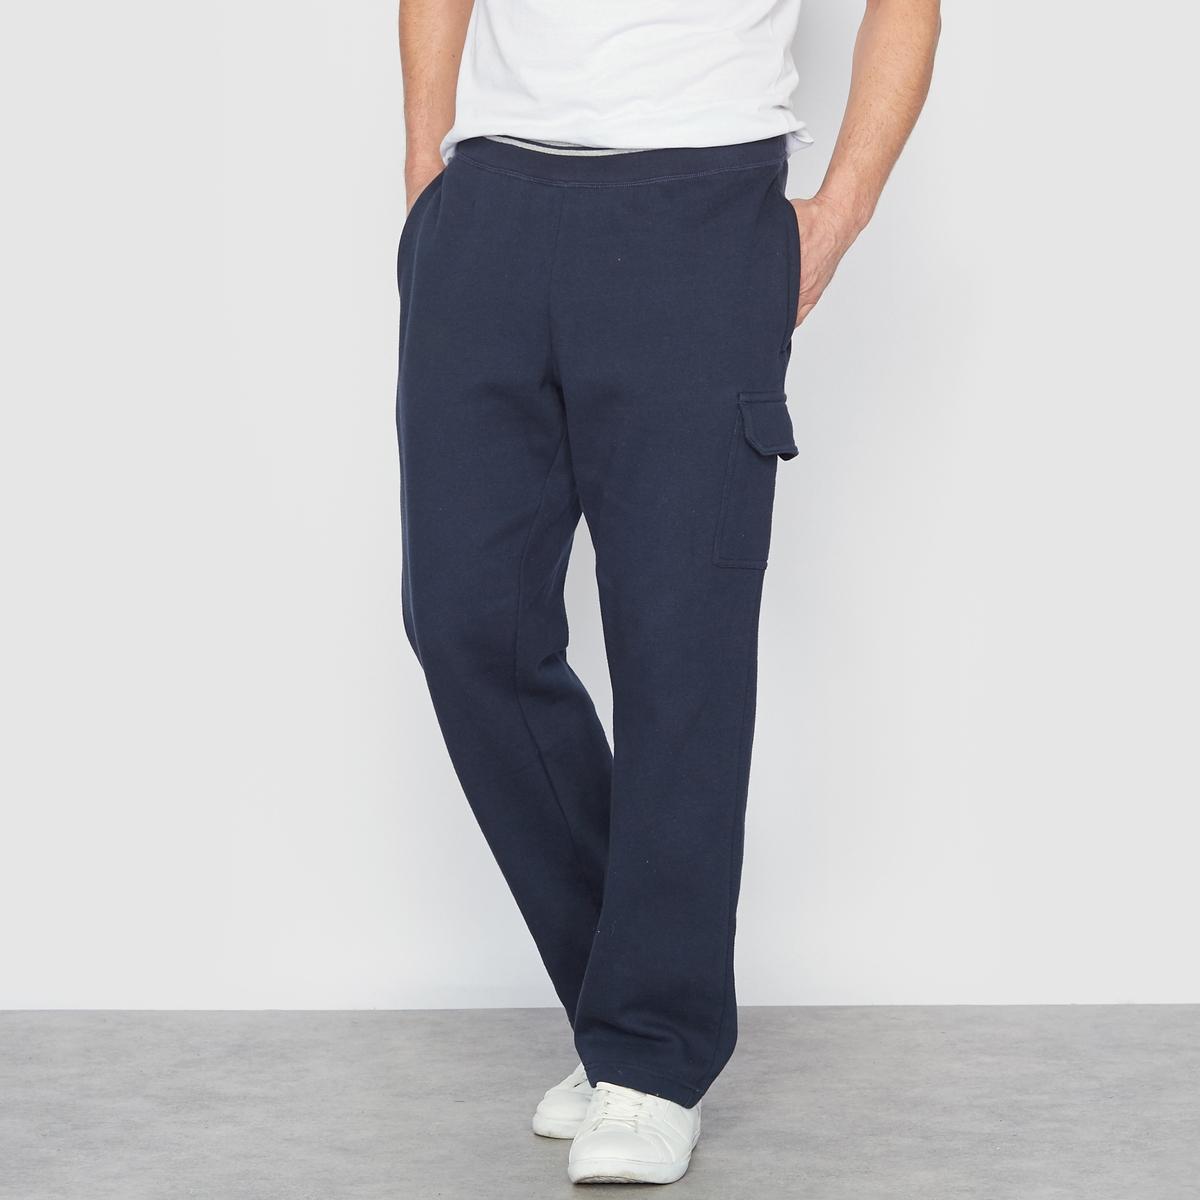 Брюки спортивные из мольтонаLa Redoute<br>Спортивные брюки из мольтона. Пояс в рубчик с полосками. 1 накладной карман на левой брючине. 2 кармана в боковых швах. Из мольтона, 55% хлопка, 45% полиэстера. Знак Oeko-Tex*.- Длина по внутр.шву : 72-77 см, в зависимости от размера. - Ширина по низу : 23-28 см, в зависимости от размера. *Международный знак Oeko-Tex гарантирует отсутствие вредных или раздражающих кожу веществ<br><br>Цвет: темно-серый меланж,темно-синий<br>Размер: 46/48.58/60.74/76.82/84.58/60.74/76.82/84